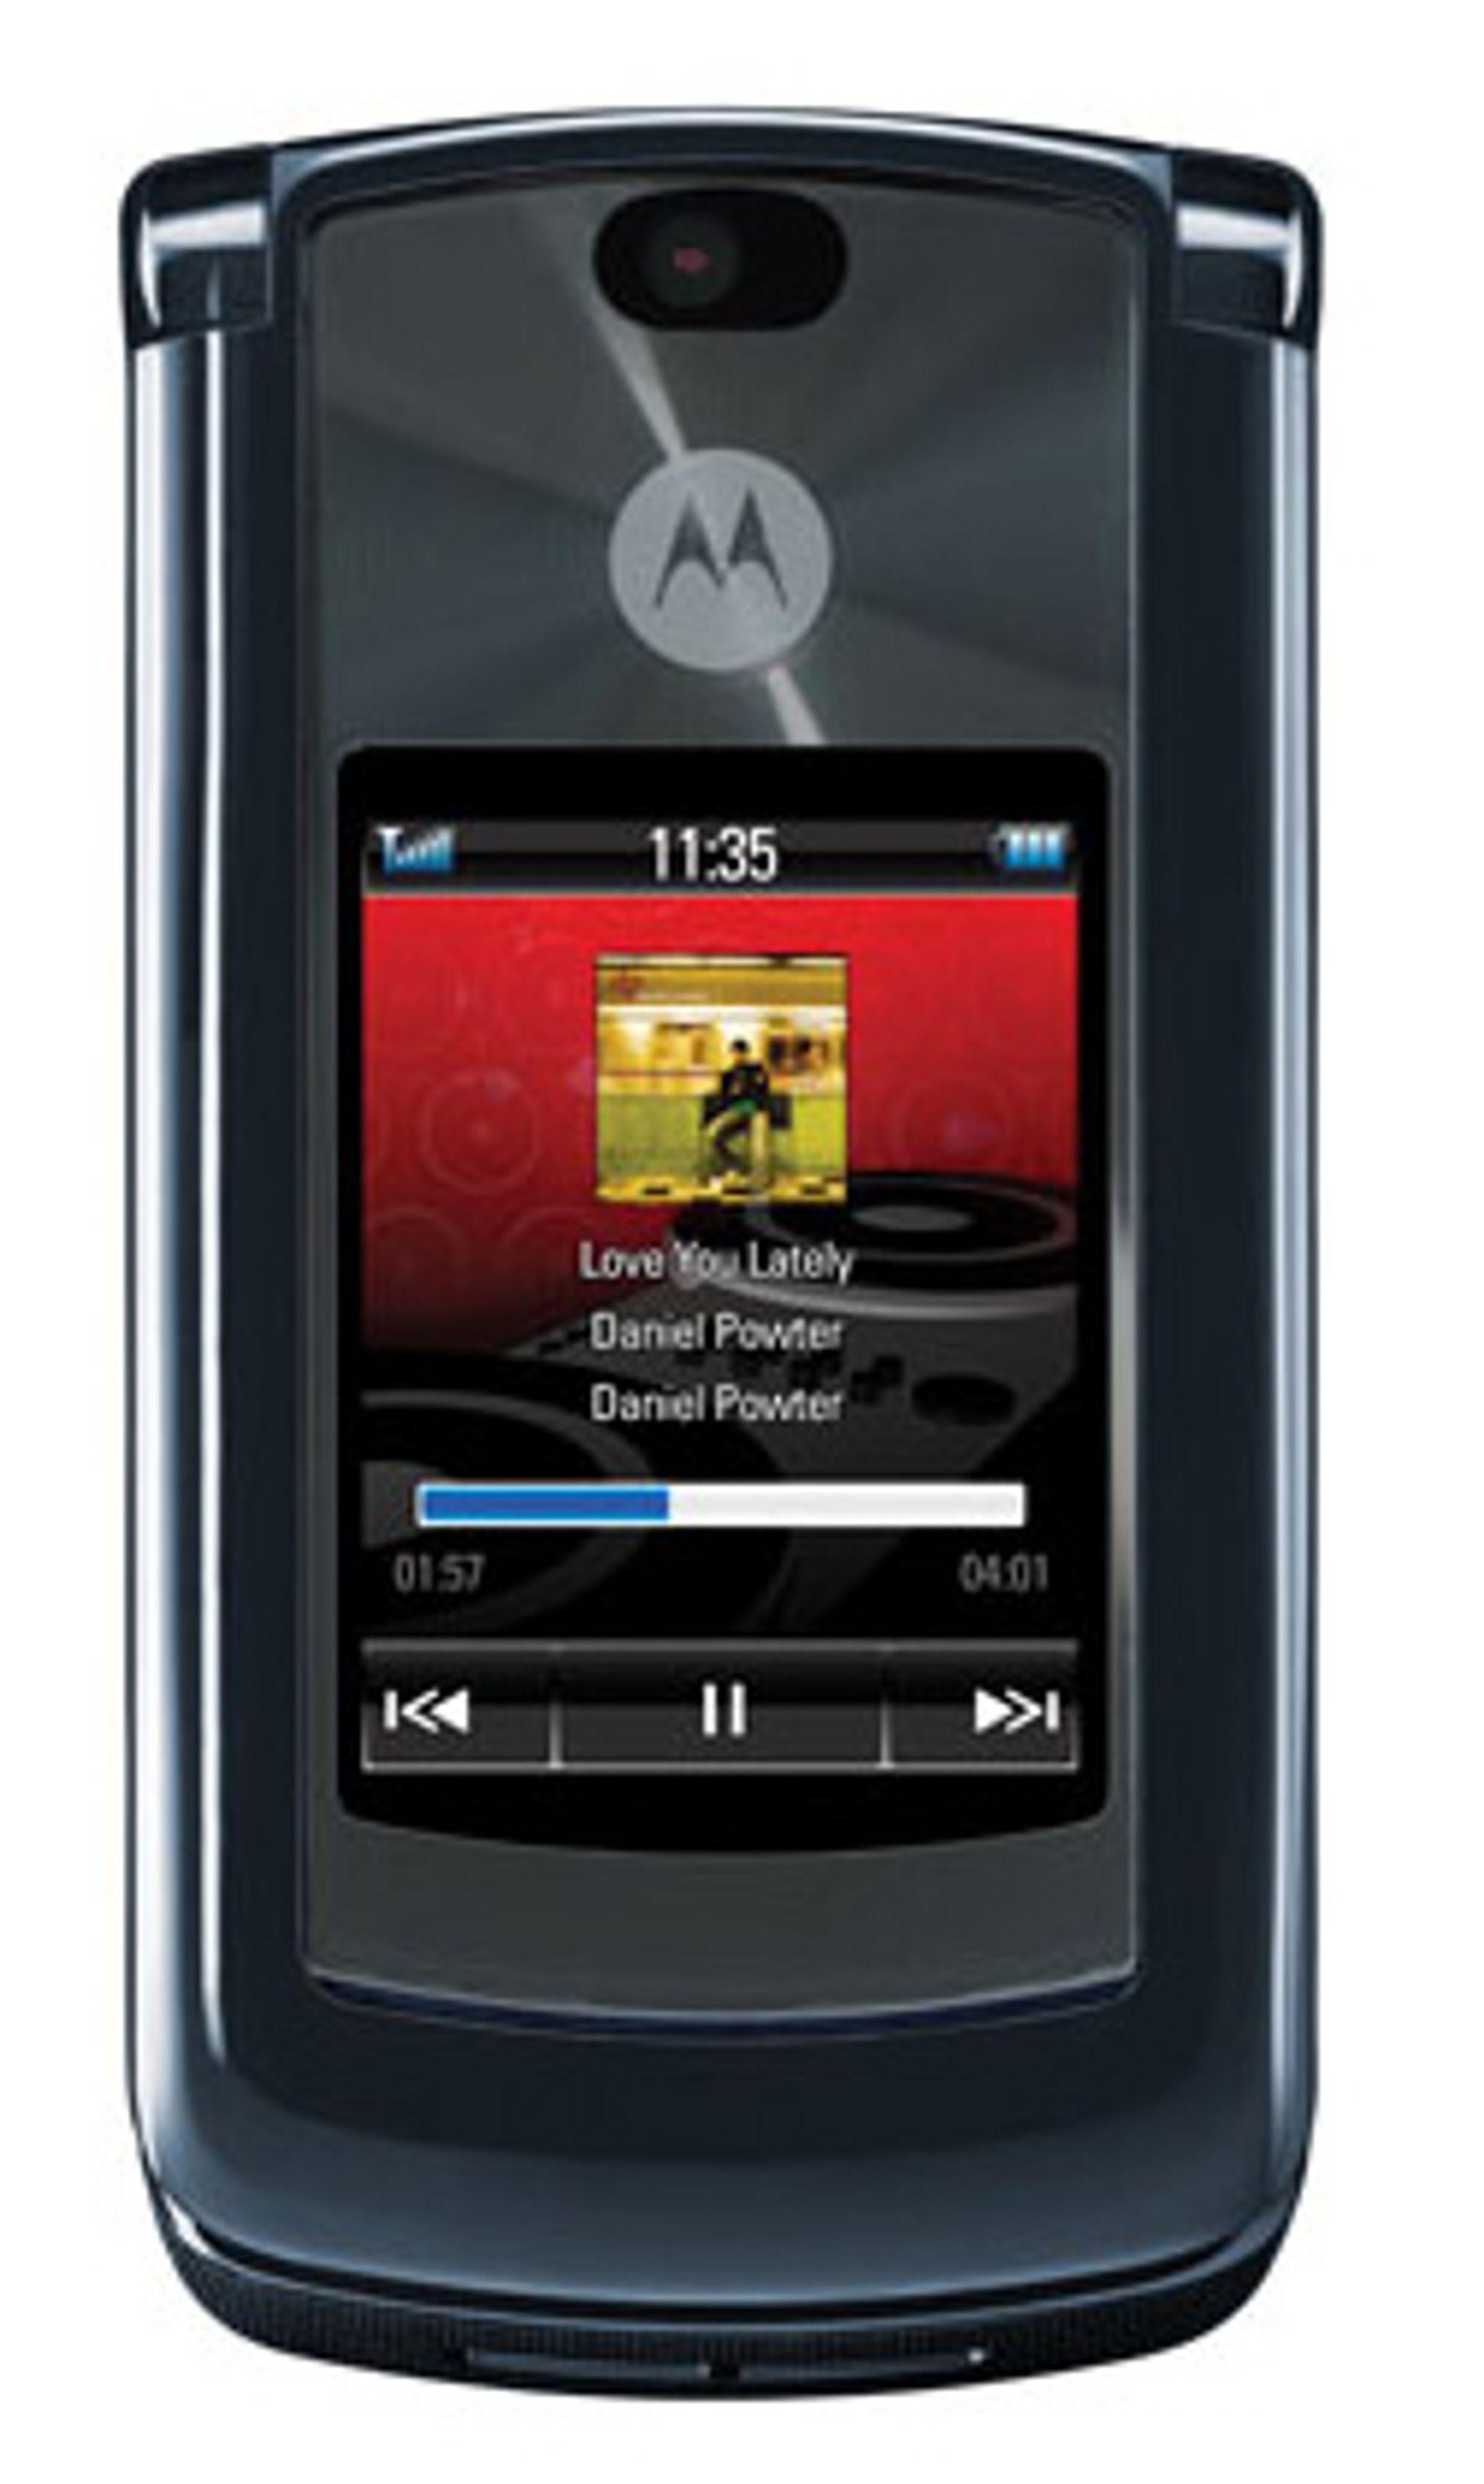 Razr2 V8 er en av mange telefoner som snart kommer i butikk.